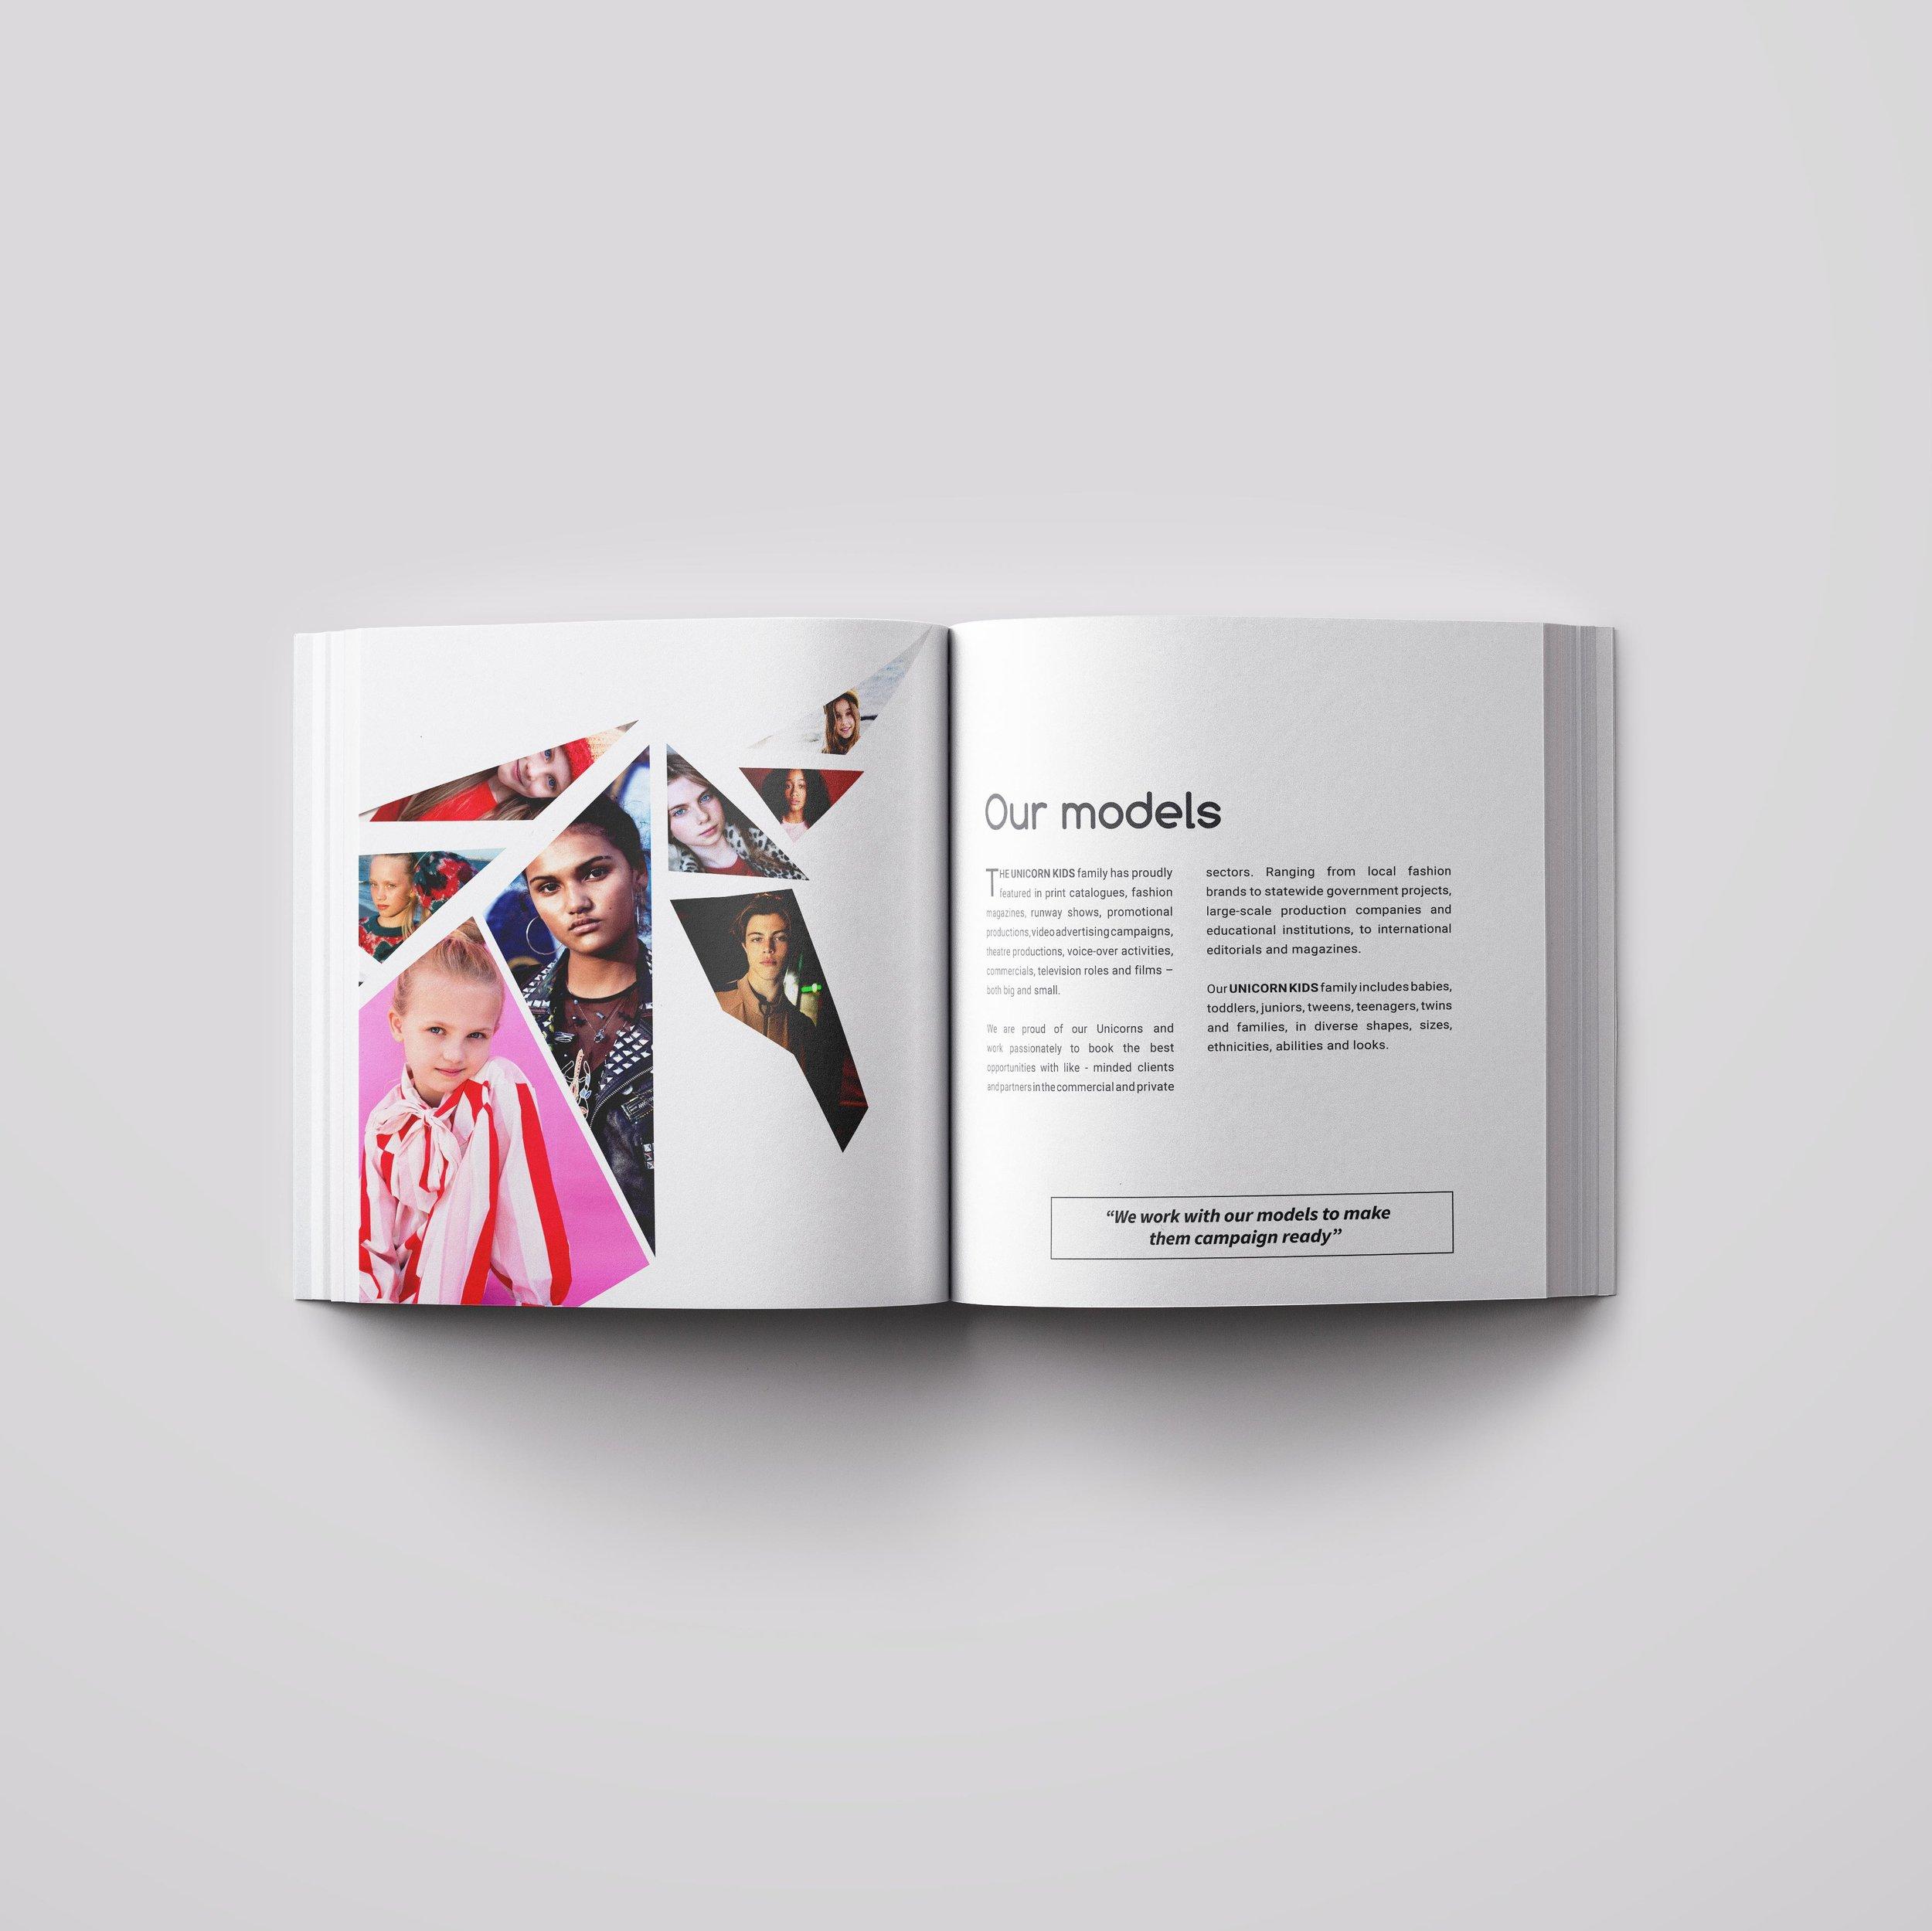 TUK-pg10-11-web.jpg